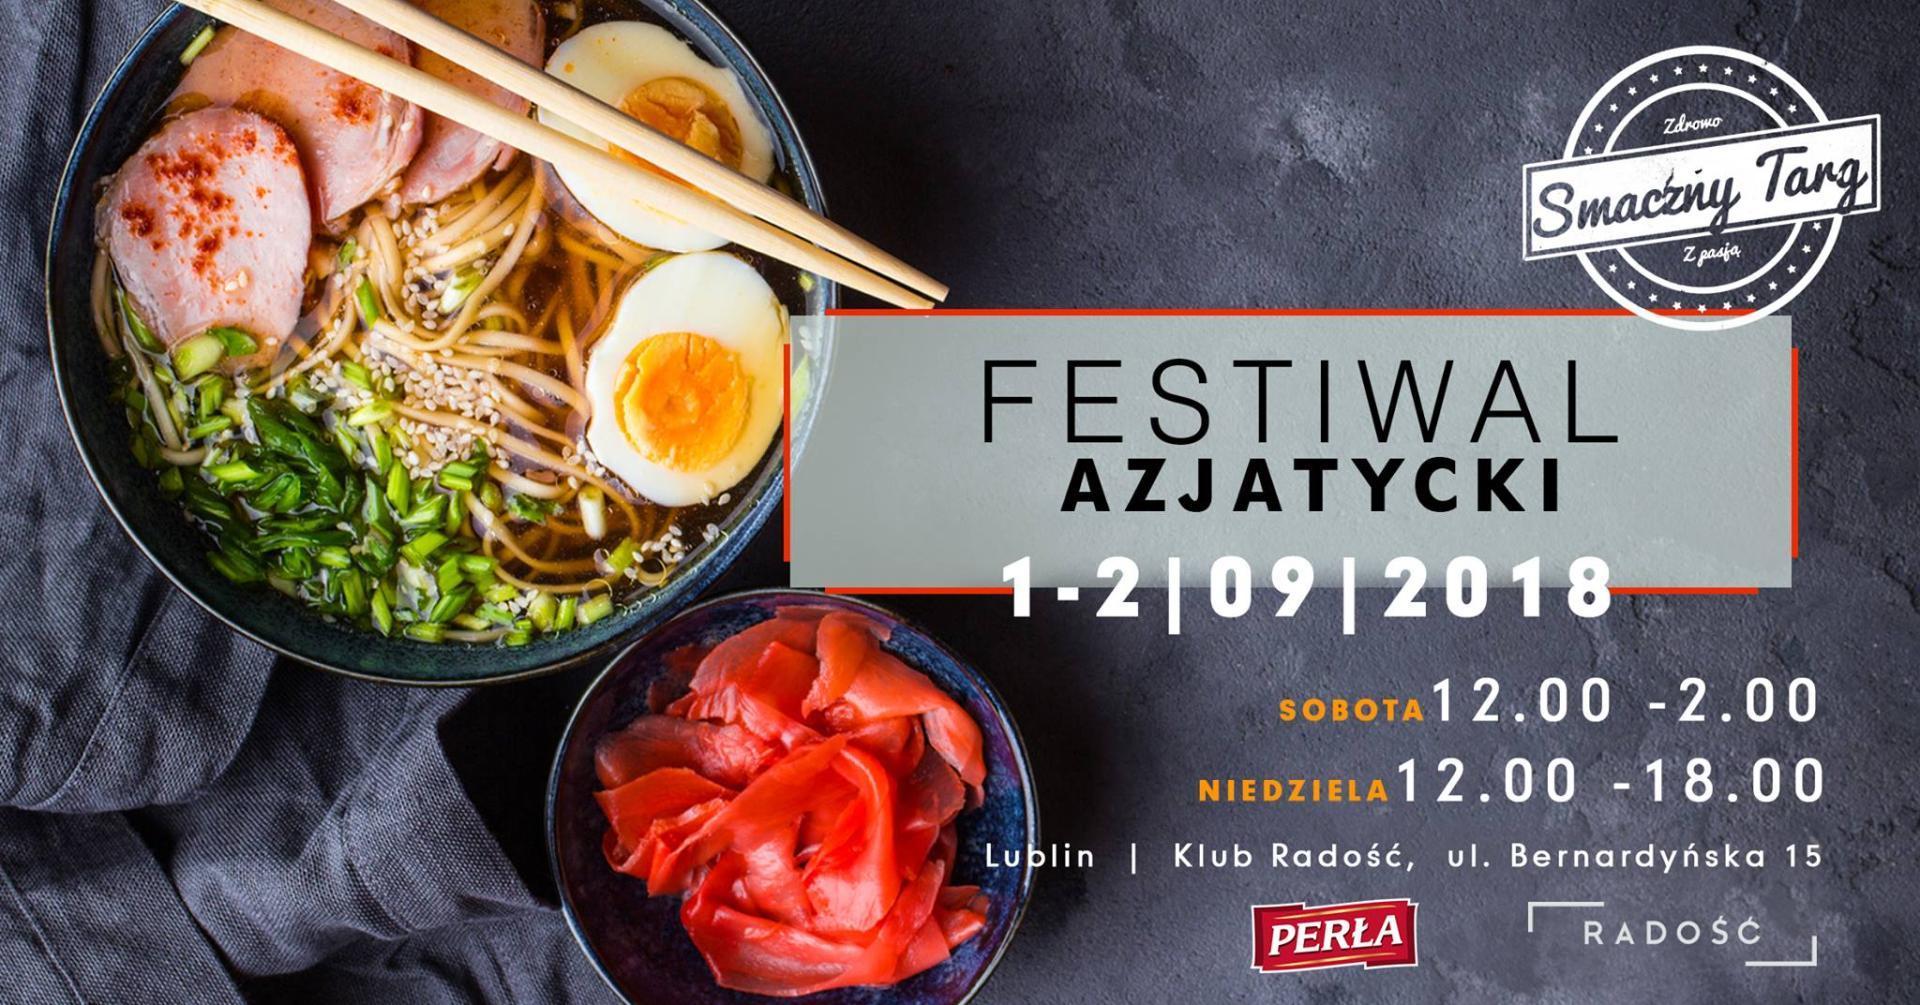 Festiwal Azjatycki W Lublinie Lubelskipl Portal Lifestyle